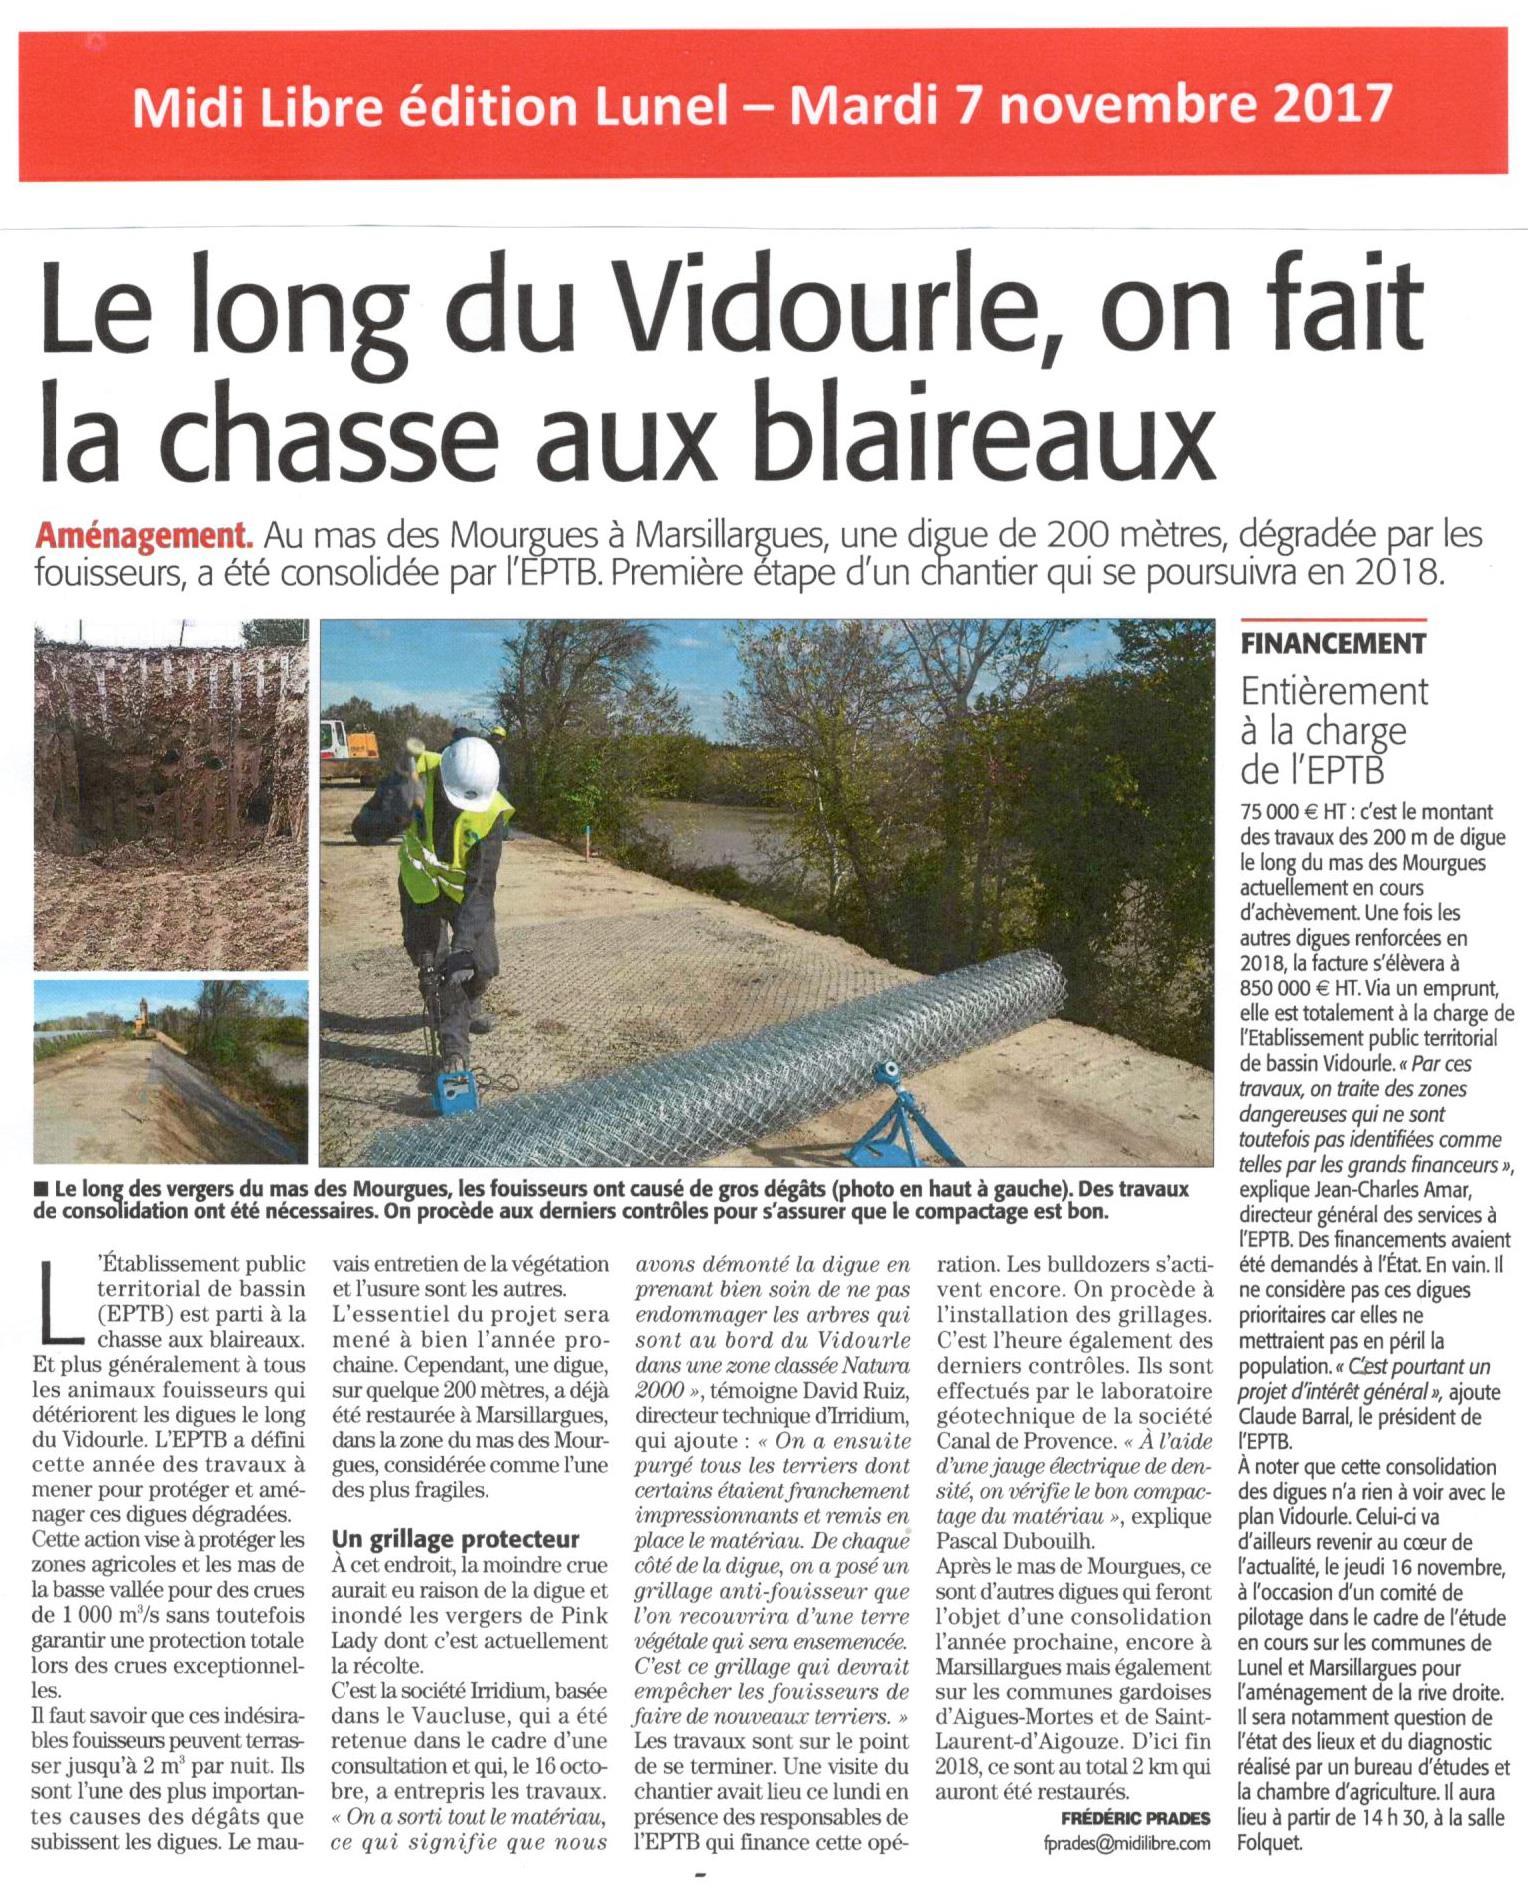 Marsillargues : l'EPTB du Vidourle consolide une digue de 200 mètres dégradée par les fouisseurs